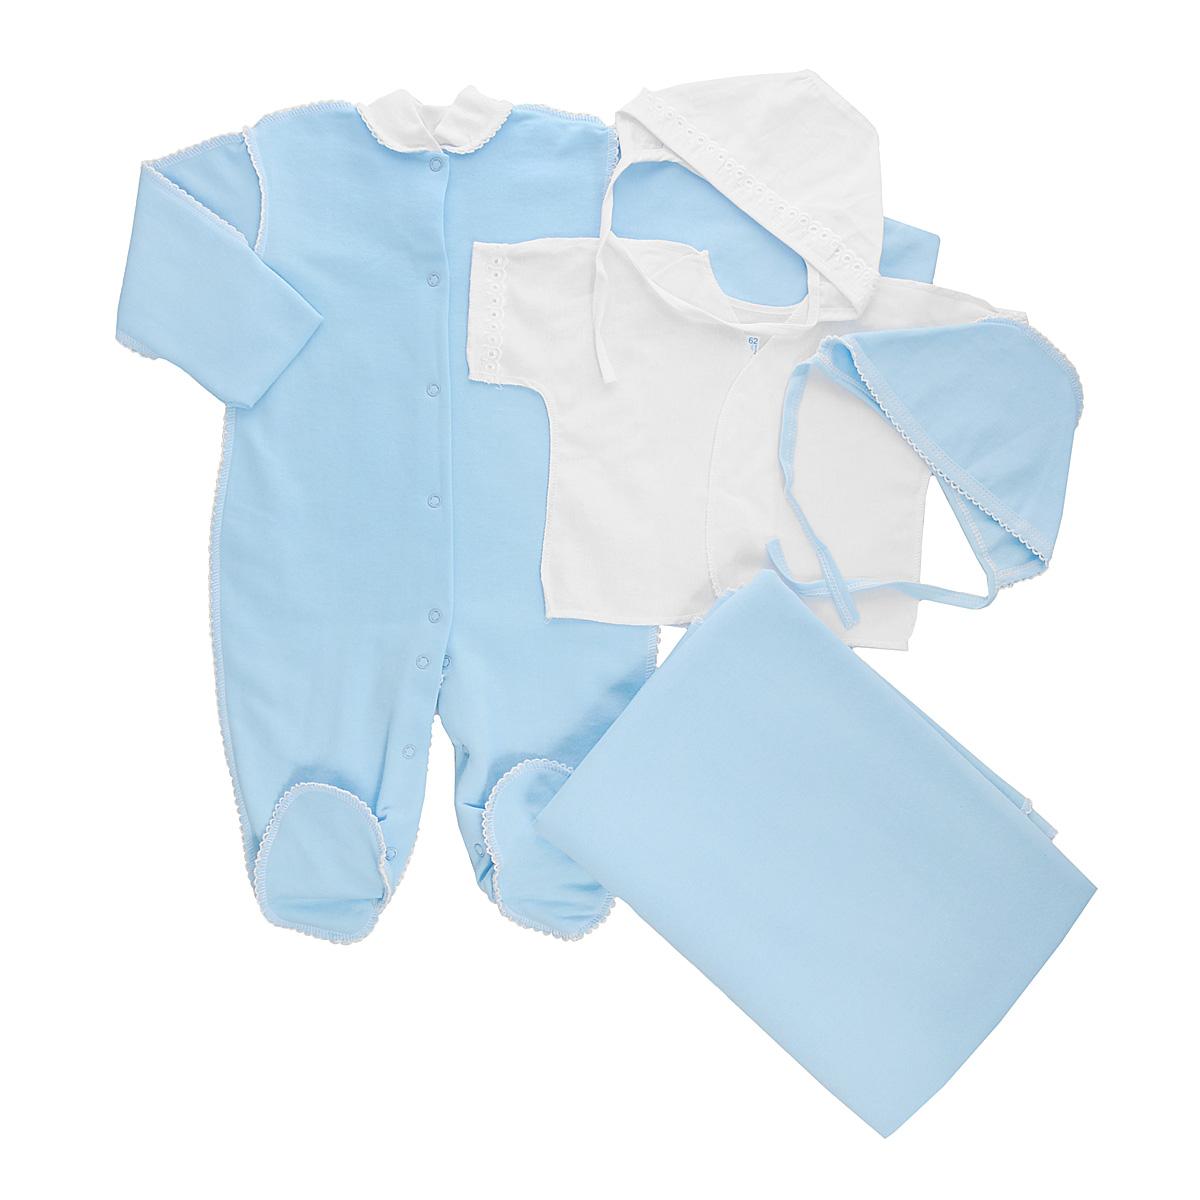 Комплект для новорожденного Трон-Плюс, 5 предметов, цвет: белый, голубой. 3474. Размер 62, 3 месяца3474Комплект для новорожденного Трон-плюс - это замечательный подарок, который прекрасно подойдет для первых дней жизни малыша. Комплект состоит из комбинезона, распашонки, двух чепчиков и пеленки. Комплект изготовлен из натурального хлопка, благодаря чему он необычайно мягкий и приятный на ощупь, не сковывает движения младенца и позволяет коже дышать, не раздражает даже самую нежную и чувствительную кожу ребенка, обеспечивая ему наибольший комфорт. Легкая распашонка с короткими рукавами выполнена швами наружу. Рукава декорированы ажурными рюшами. Теплый комбинезон с небольшим воротничком-стойкой, длинными рукавами и закрытыми ножками идеально подойдет вашему ребенку, обеспечивая ему наибольший комфорт. Комбинезон застегивает на кнопочки по всей длине и на ластовице, что помогает с легкостью переодеть ребенка или сметить подгузник. Рукавички обеспечат вашему малышу комфорт во время сна и бодрствования, предохраняя нежную кожу новорожденного от расцарапывания. Комбинезон выполнен швами наружу и украшен ажурными петельками. Чепчик защищает еще не заросший родничок, щадит чувствительный слух малыша, прикрывая ушки, и предохраняет от теплопотерь. Комплект содержит два чепчика: один - легкий мягкий чепчик с завязками выполнен швами наружу и украшен ажурными рюшами, а второй - теплый чепчик выполнен из футера швами наружу и украшен ажурными петельками. Теплая и мягкая пеленка станет незаменимым помощником в деле ухода за ребенком. По периметру изделие оформлено ажурными петельками. В таком комплекте ваш малыш будет чувствовать себя комфортно, уютно и всегда будет в центре внимания!